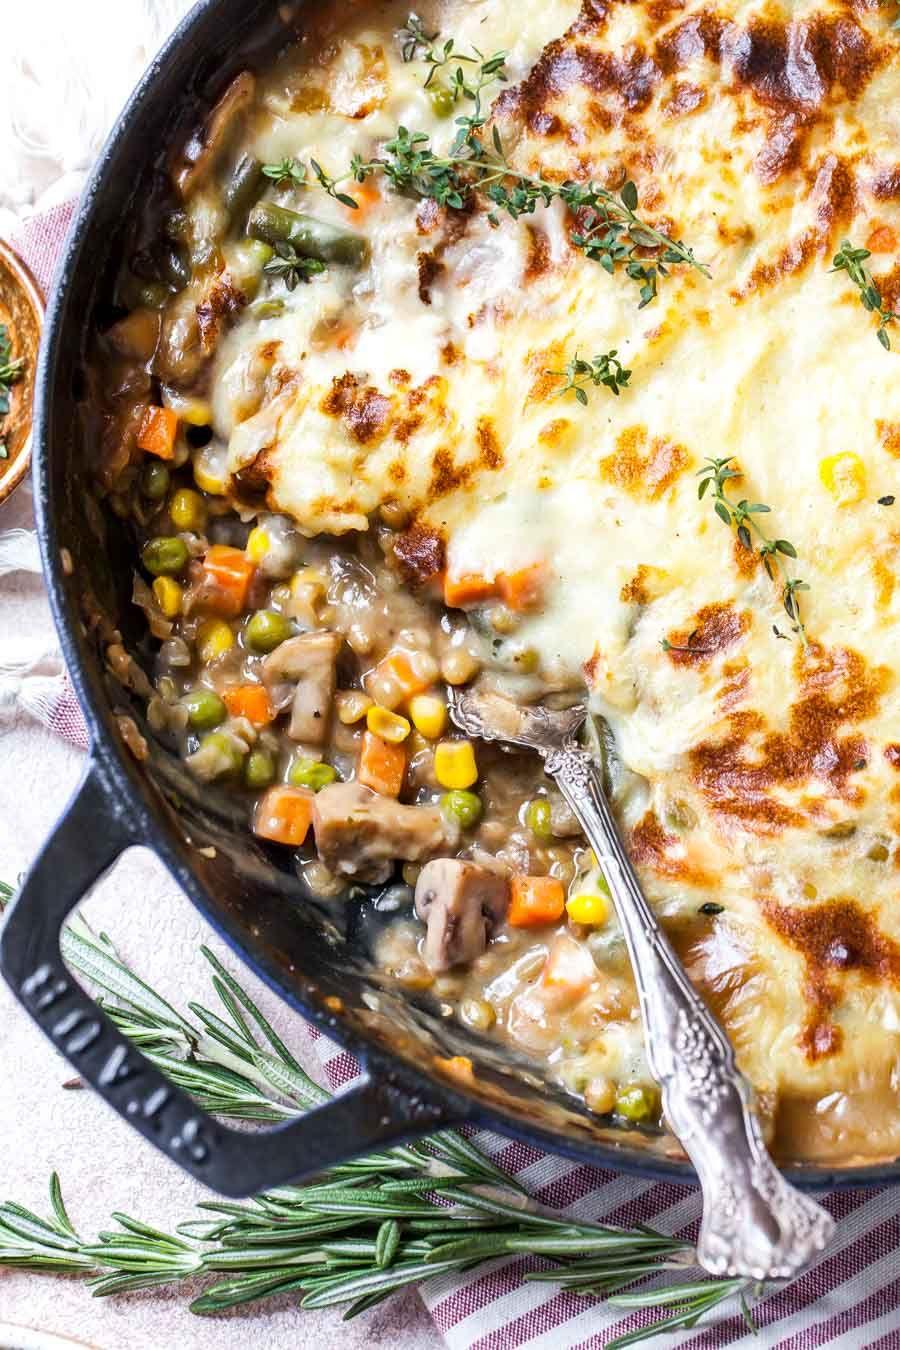 Vegetarian Shepherd S Pie With Lentils Recipe Lentil Dishes Vegetarian Shepherds Pie Shepherds Pie